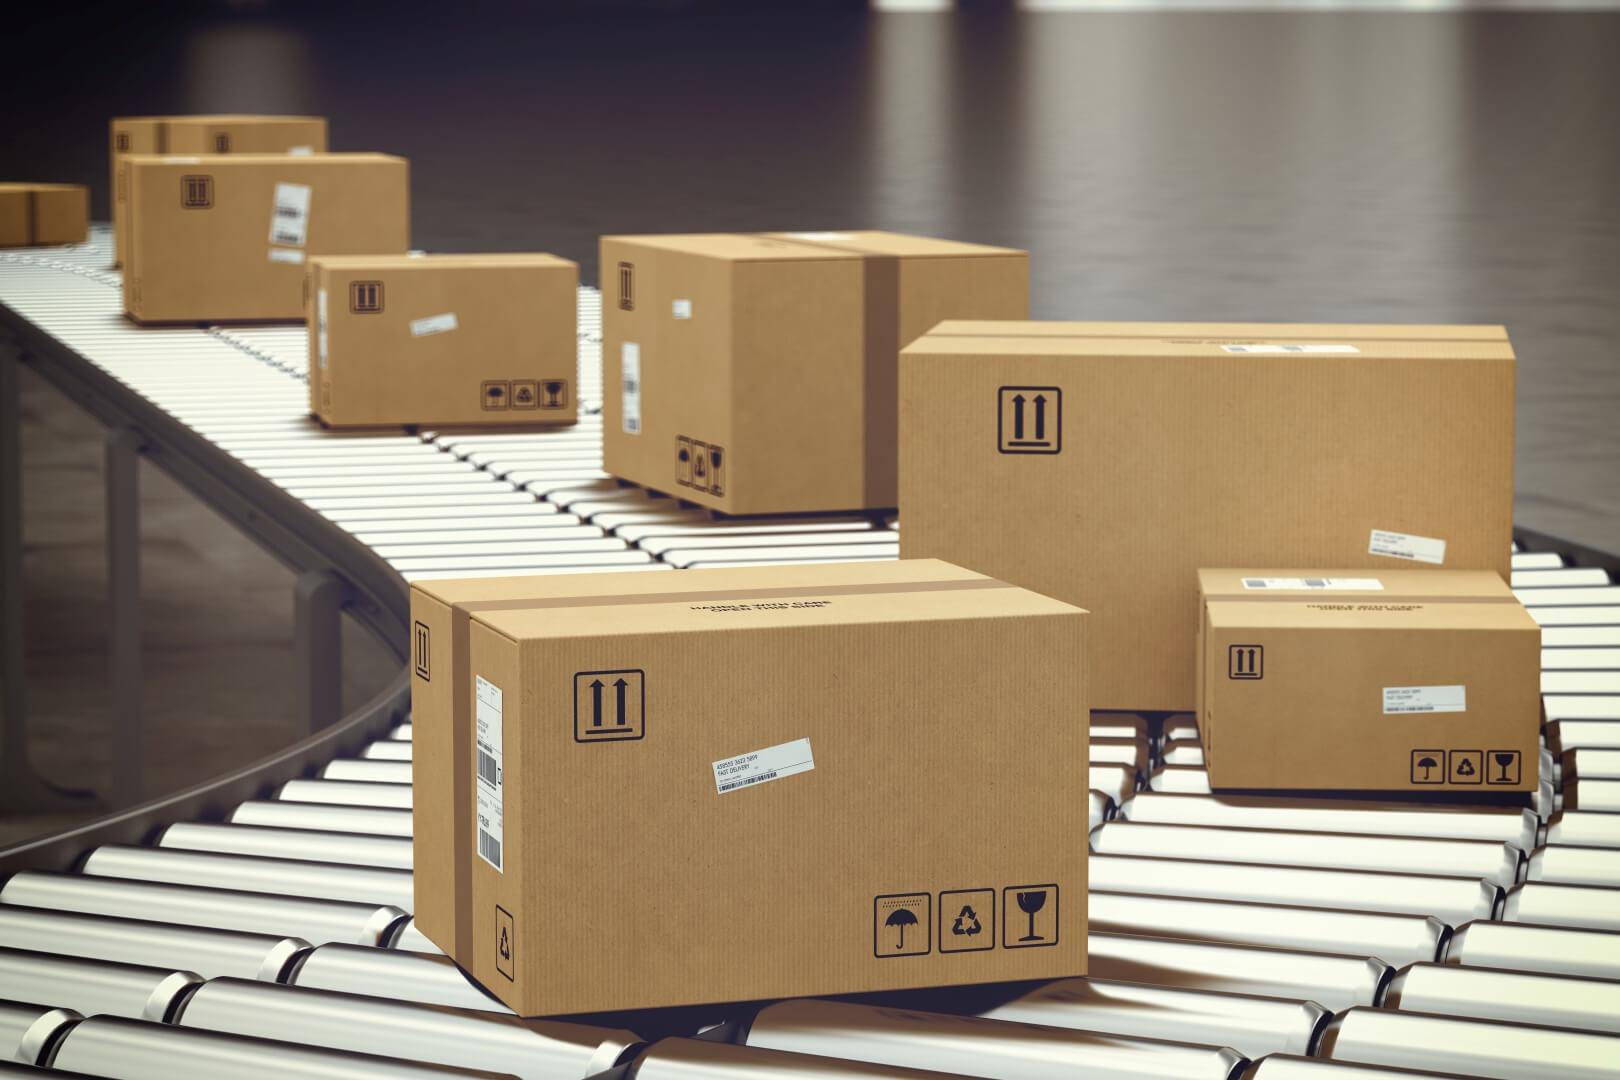 Zakup tapety – sklep internetowy czy stacjonarny?